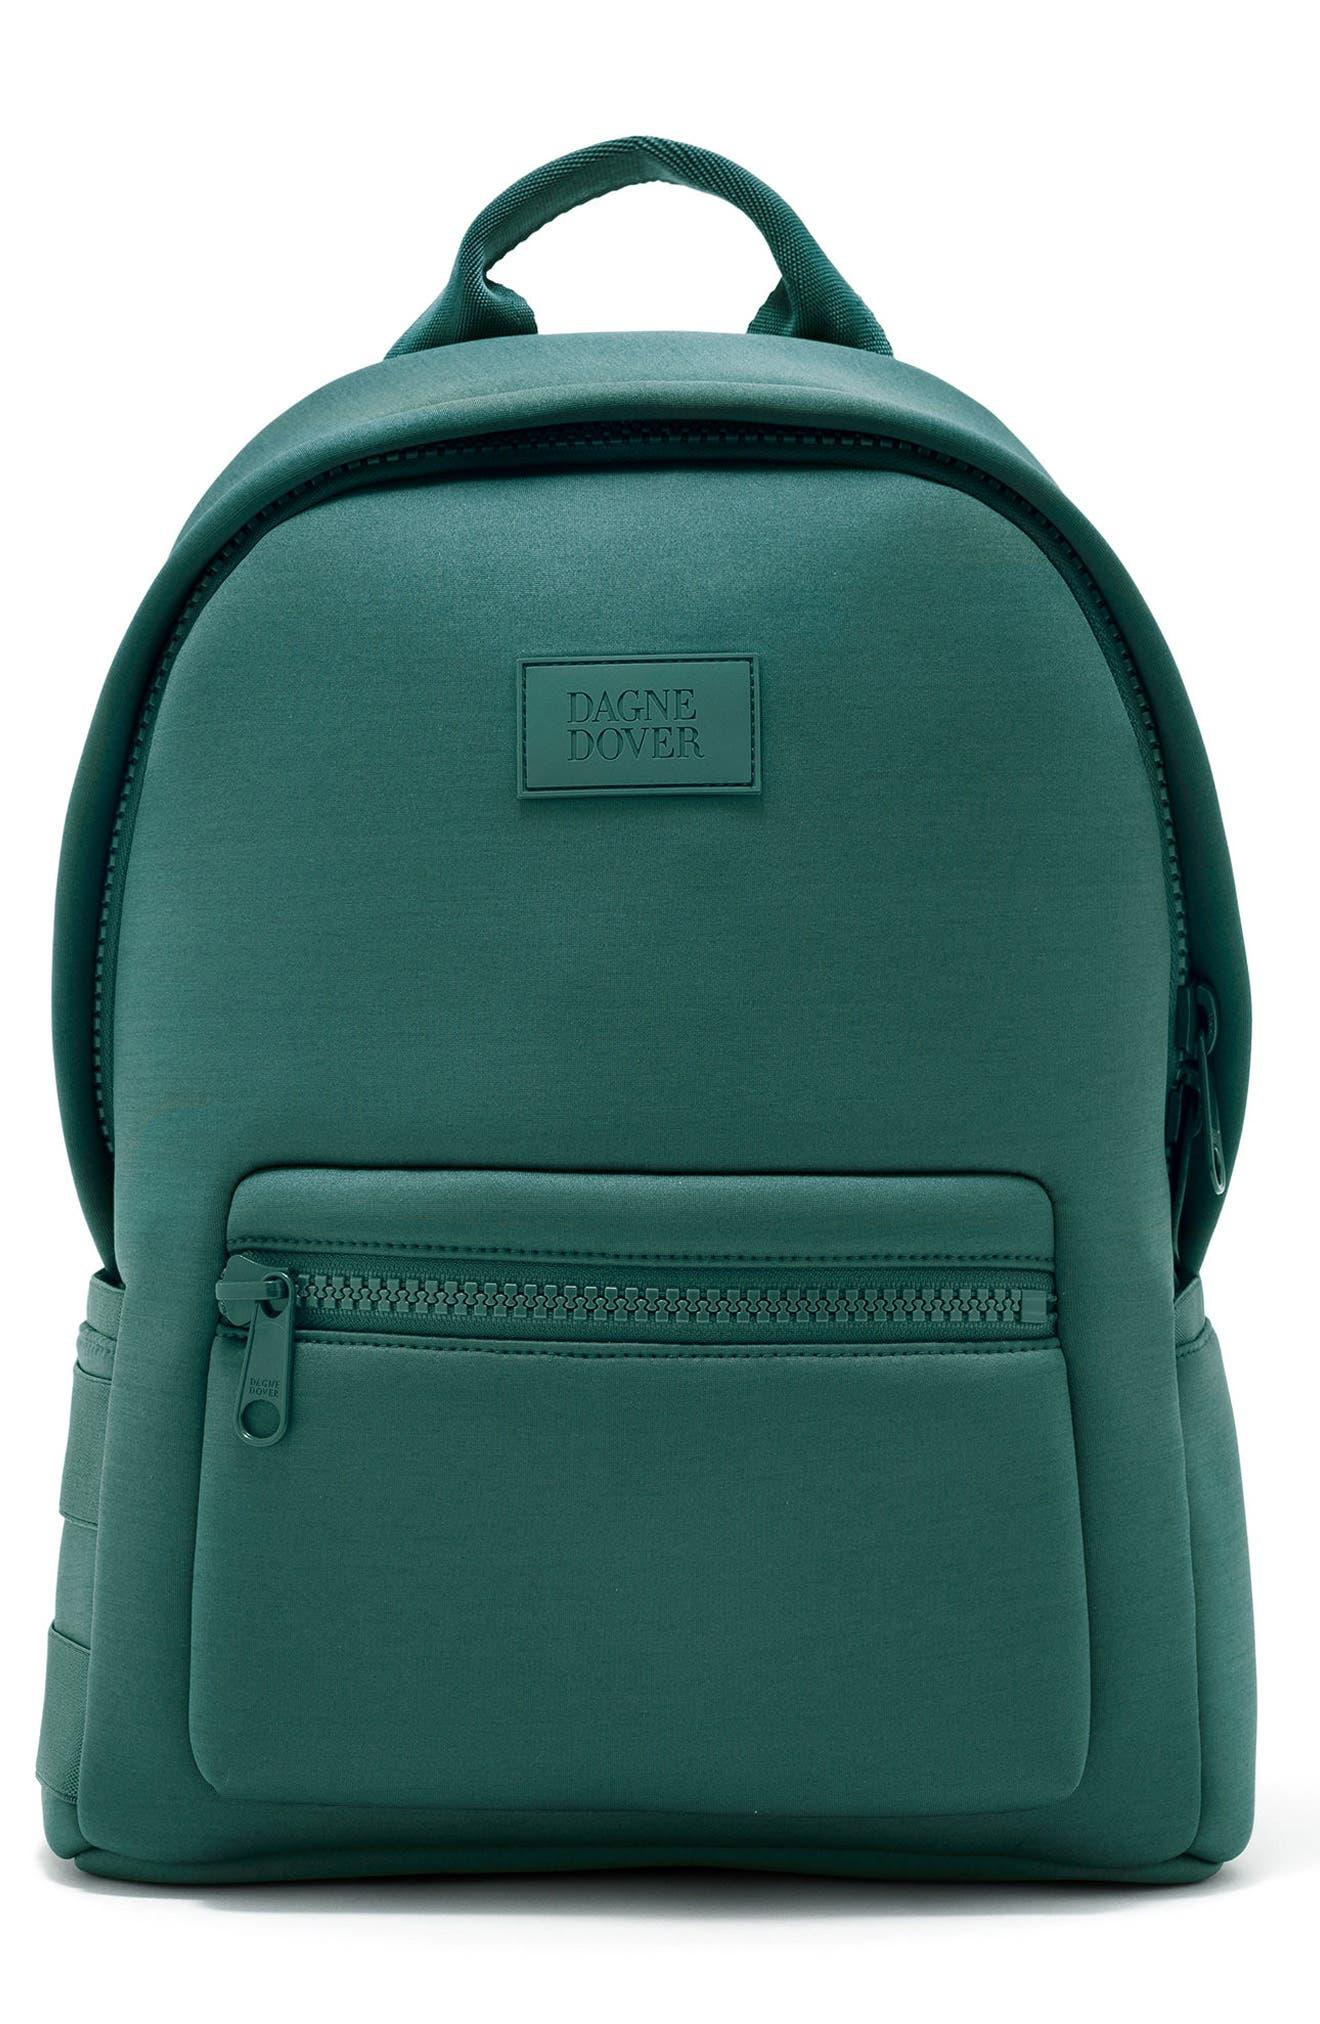 365 Dakota Neoprene Backpack,                             Main thumbnail 8, color,